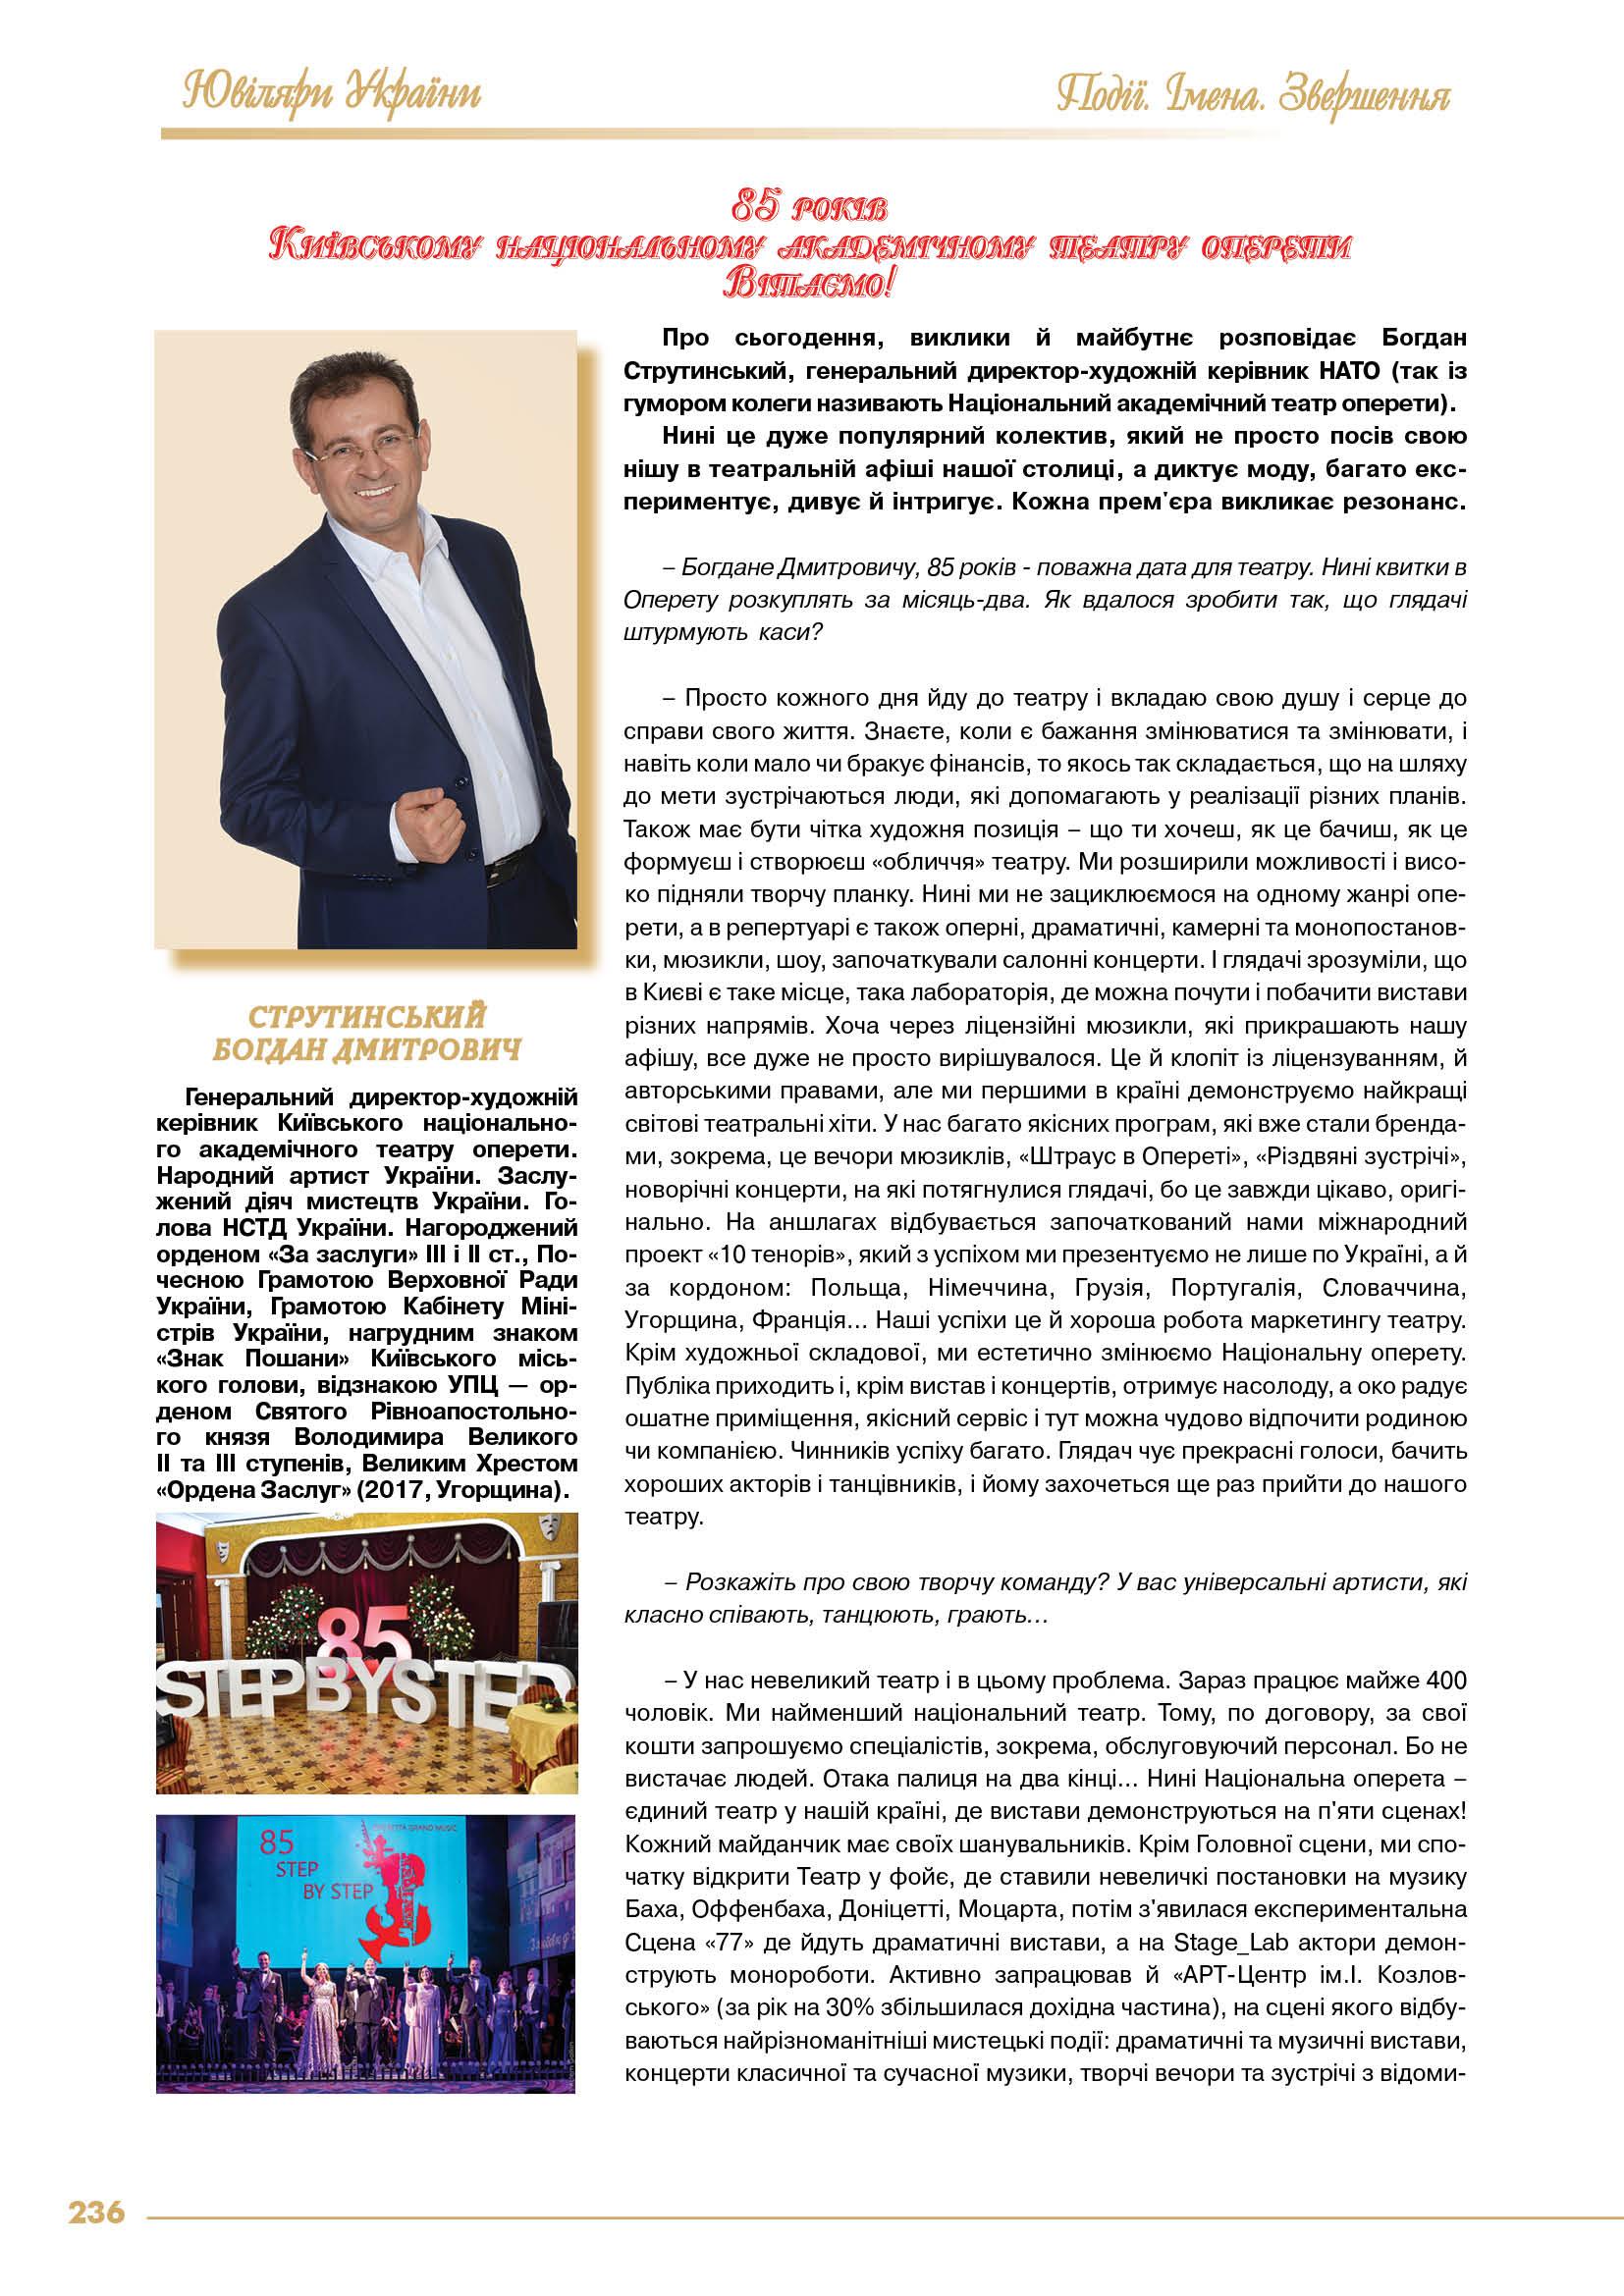 Струтинський Богдан Дмитрович - генеральний директор-художній керівник Київського національного академічного театру оперети